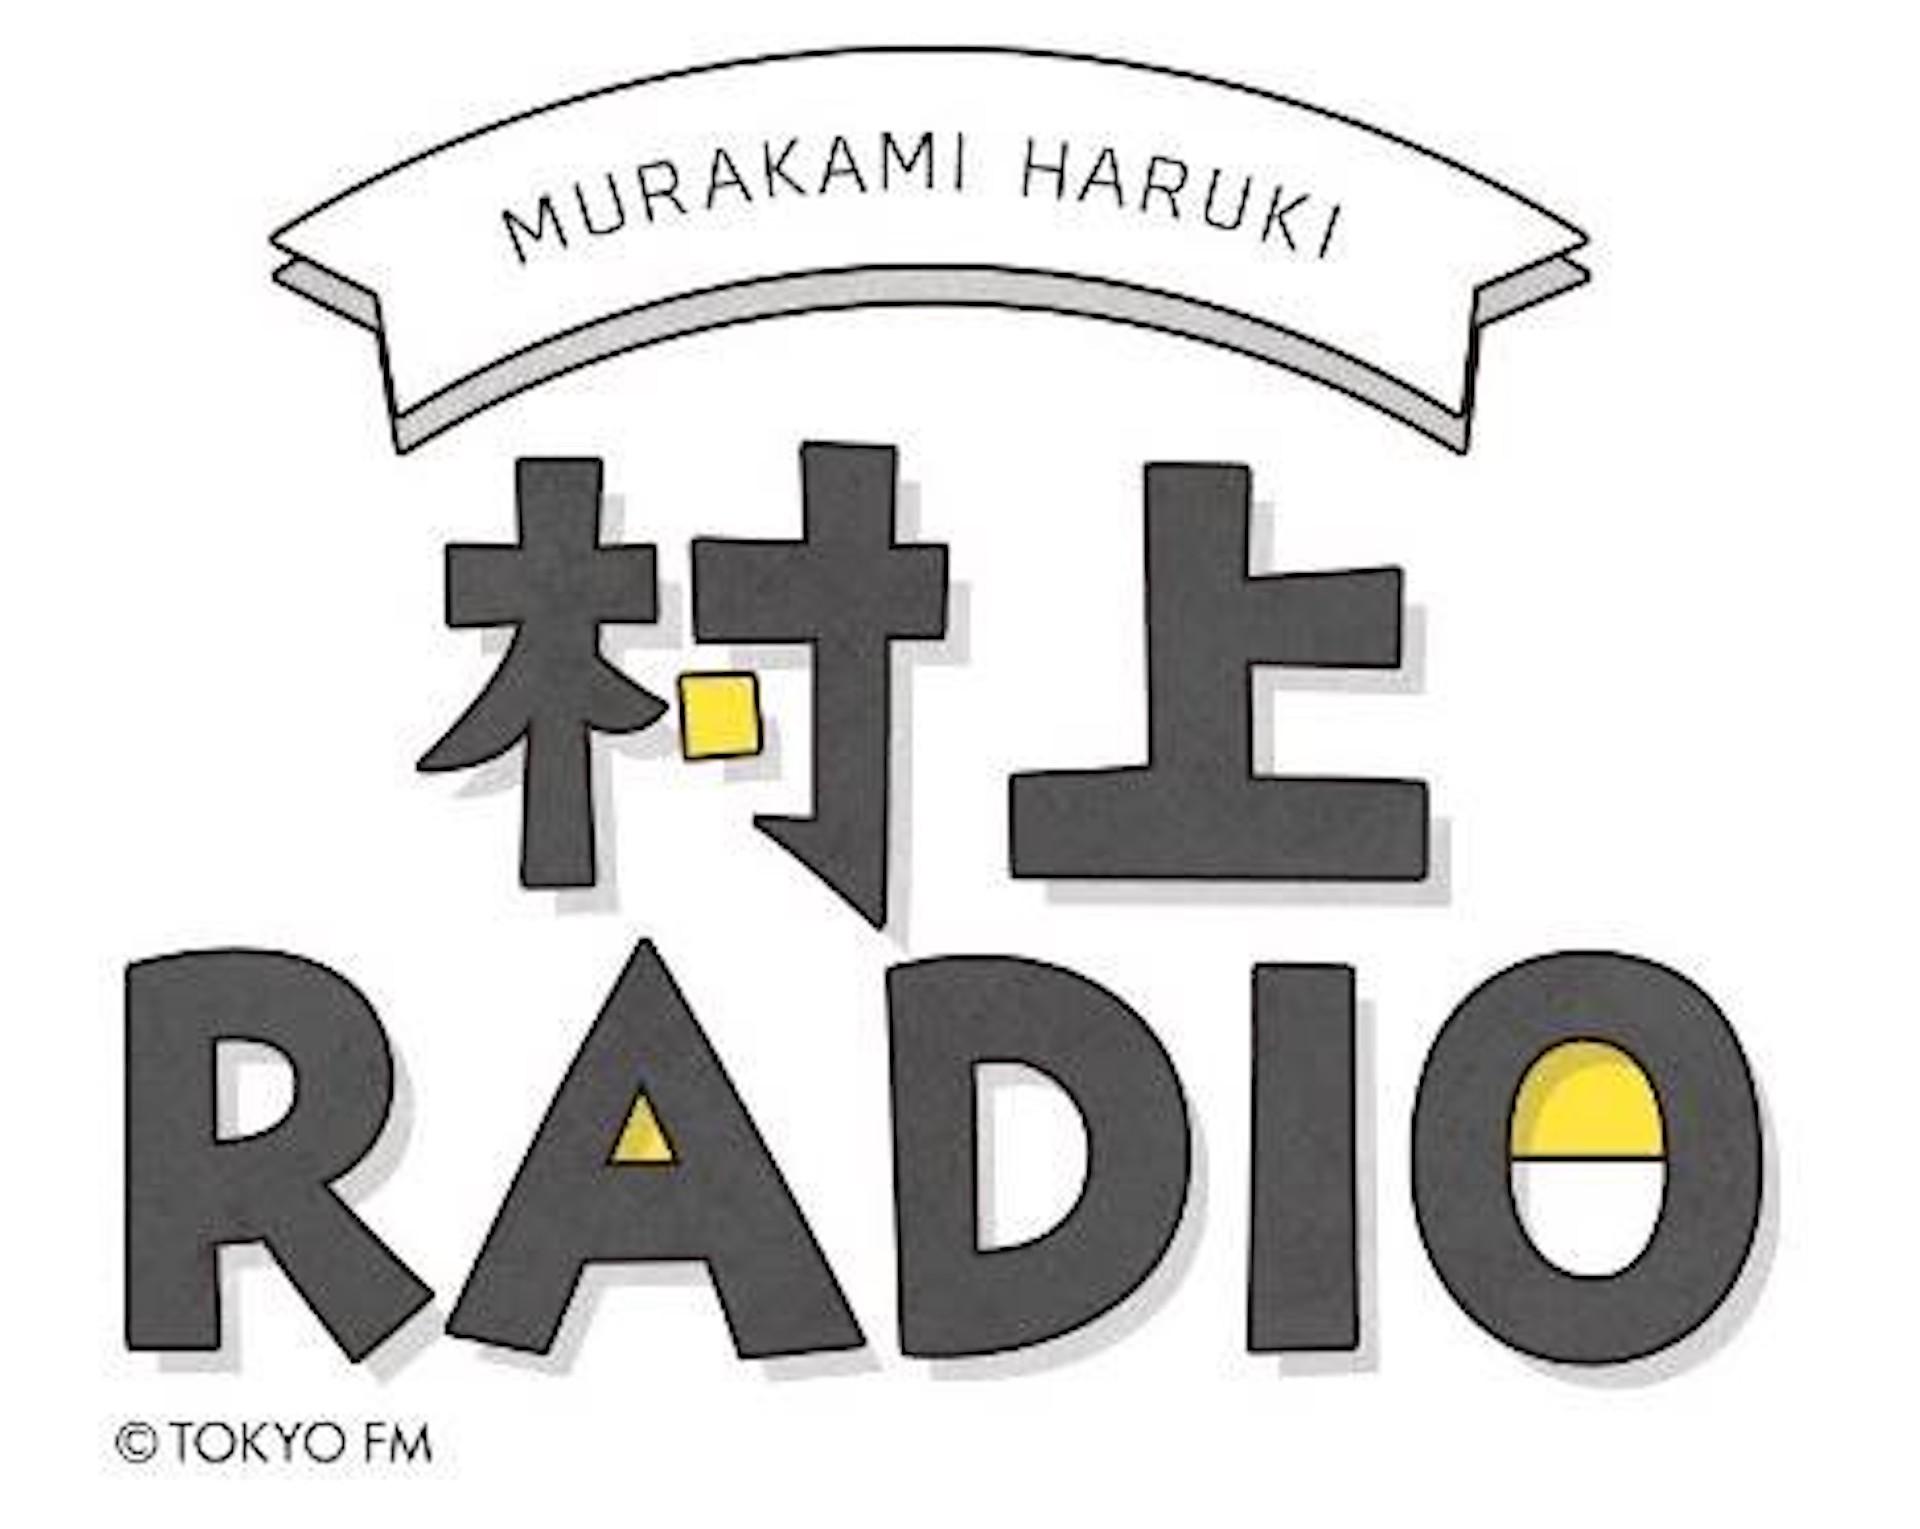 村上春樹が贈る『村上RADIO』年越し生放送決定!ゲストに山中伸弥と山極壽一